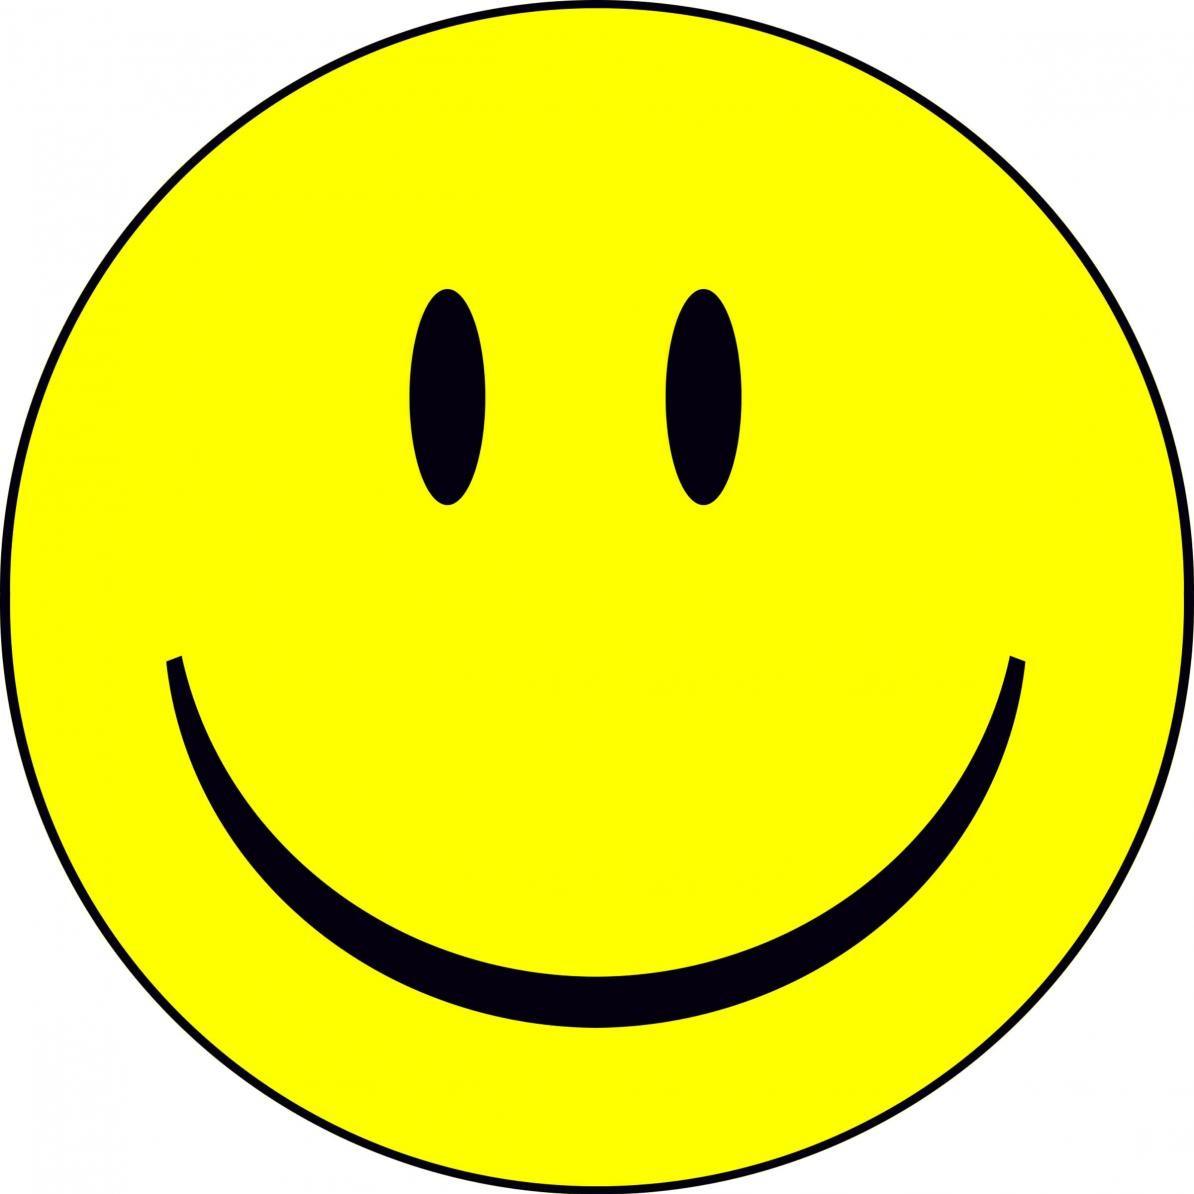 1194x1194 Pictures Unhappy Smiley Face Clip Art,